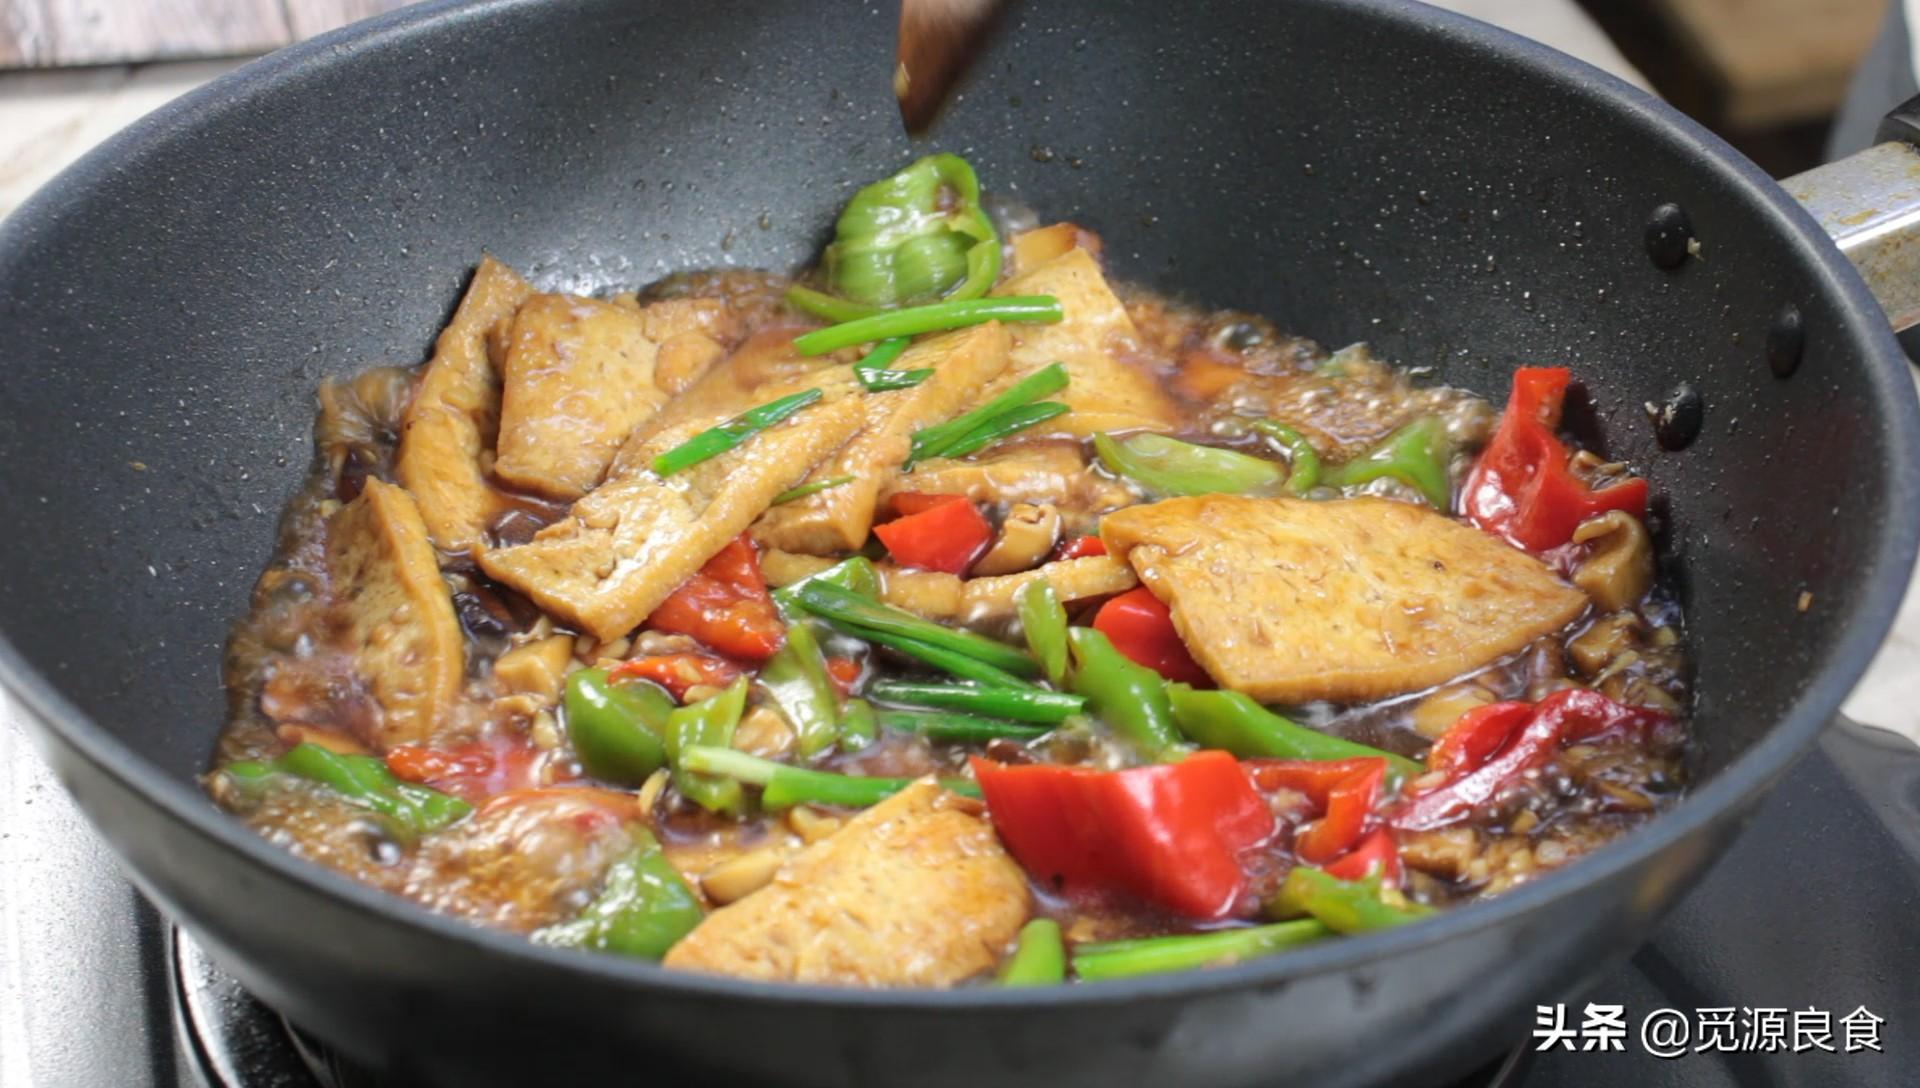 没想到香菇烧豆腐这么好吃 教你好吃的窍门